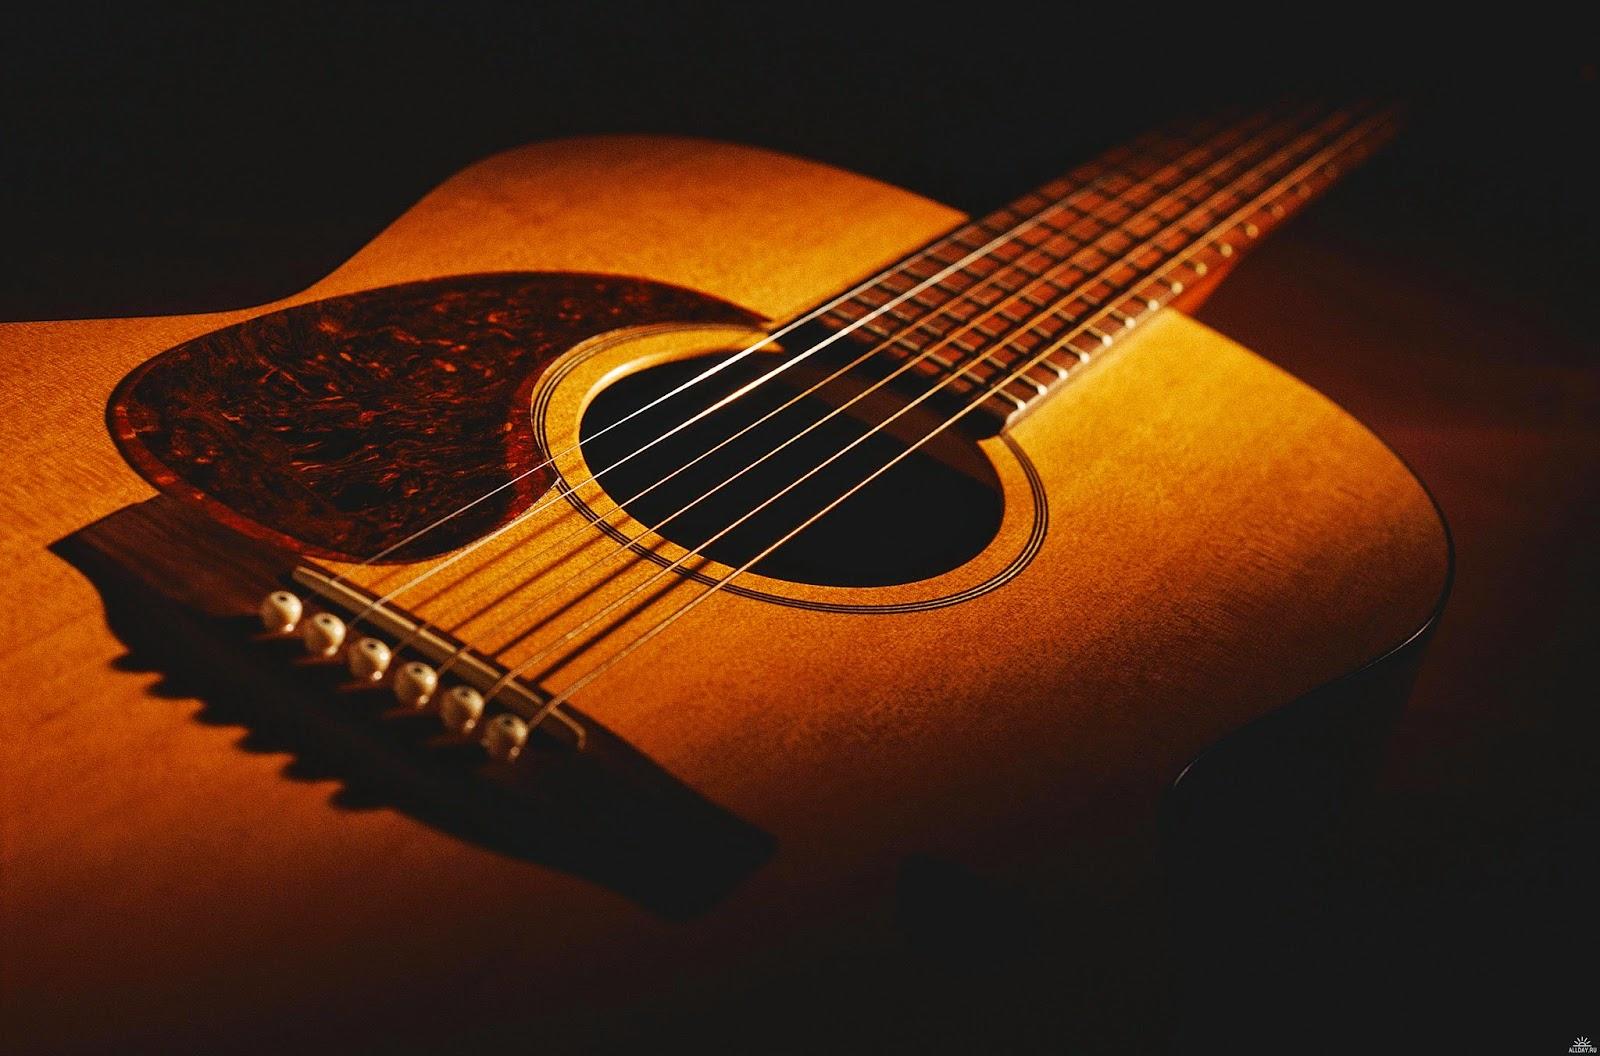 fondo-pantalla-guitarra2.jpg